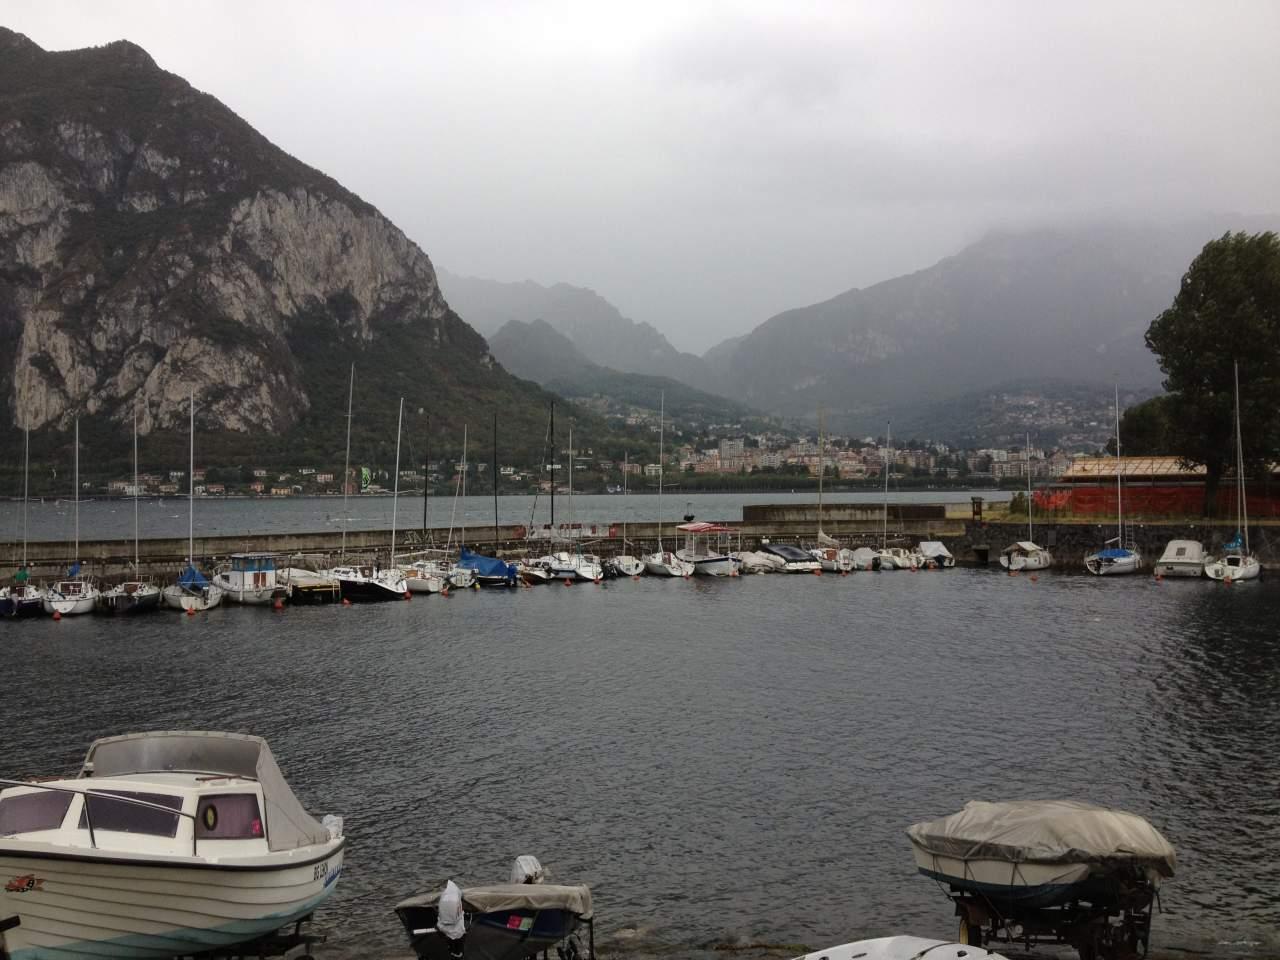 foto XIII Raduno Club Alfa Lombardia - Lecco/Passo San Marco - 30 Settembre 2012 - {attachcounter}